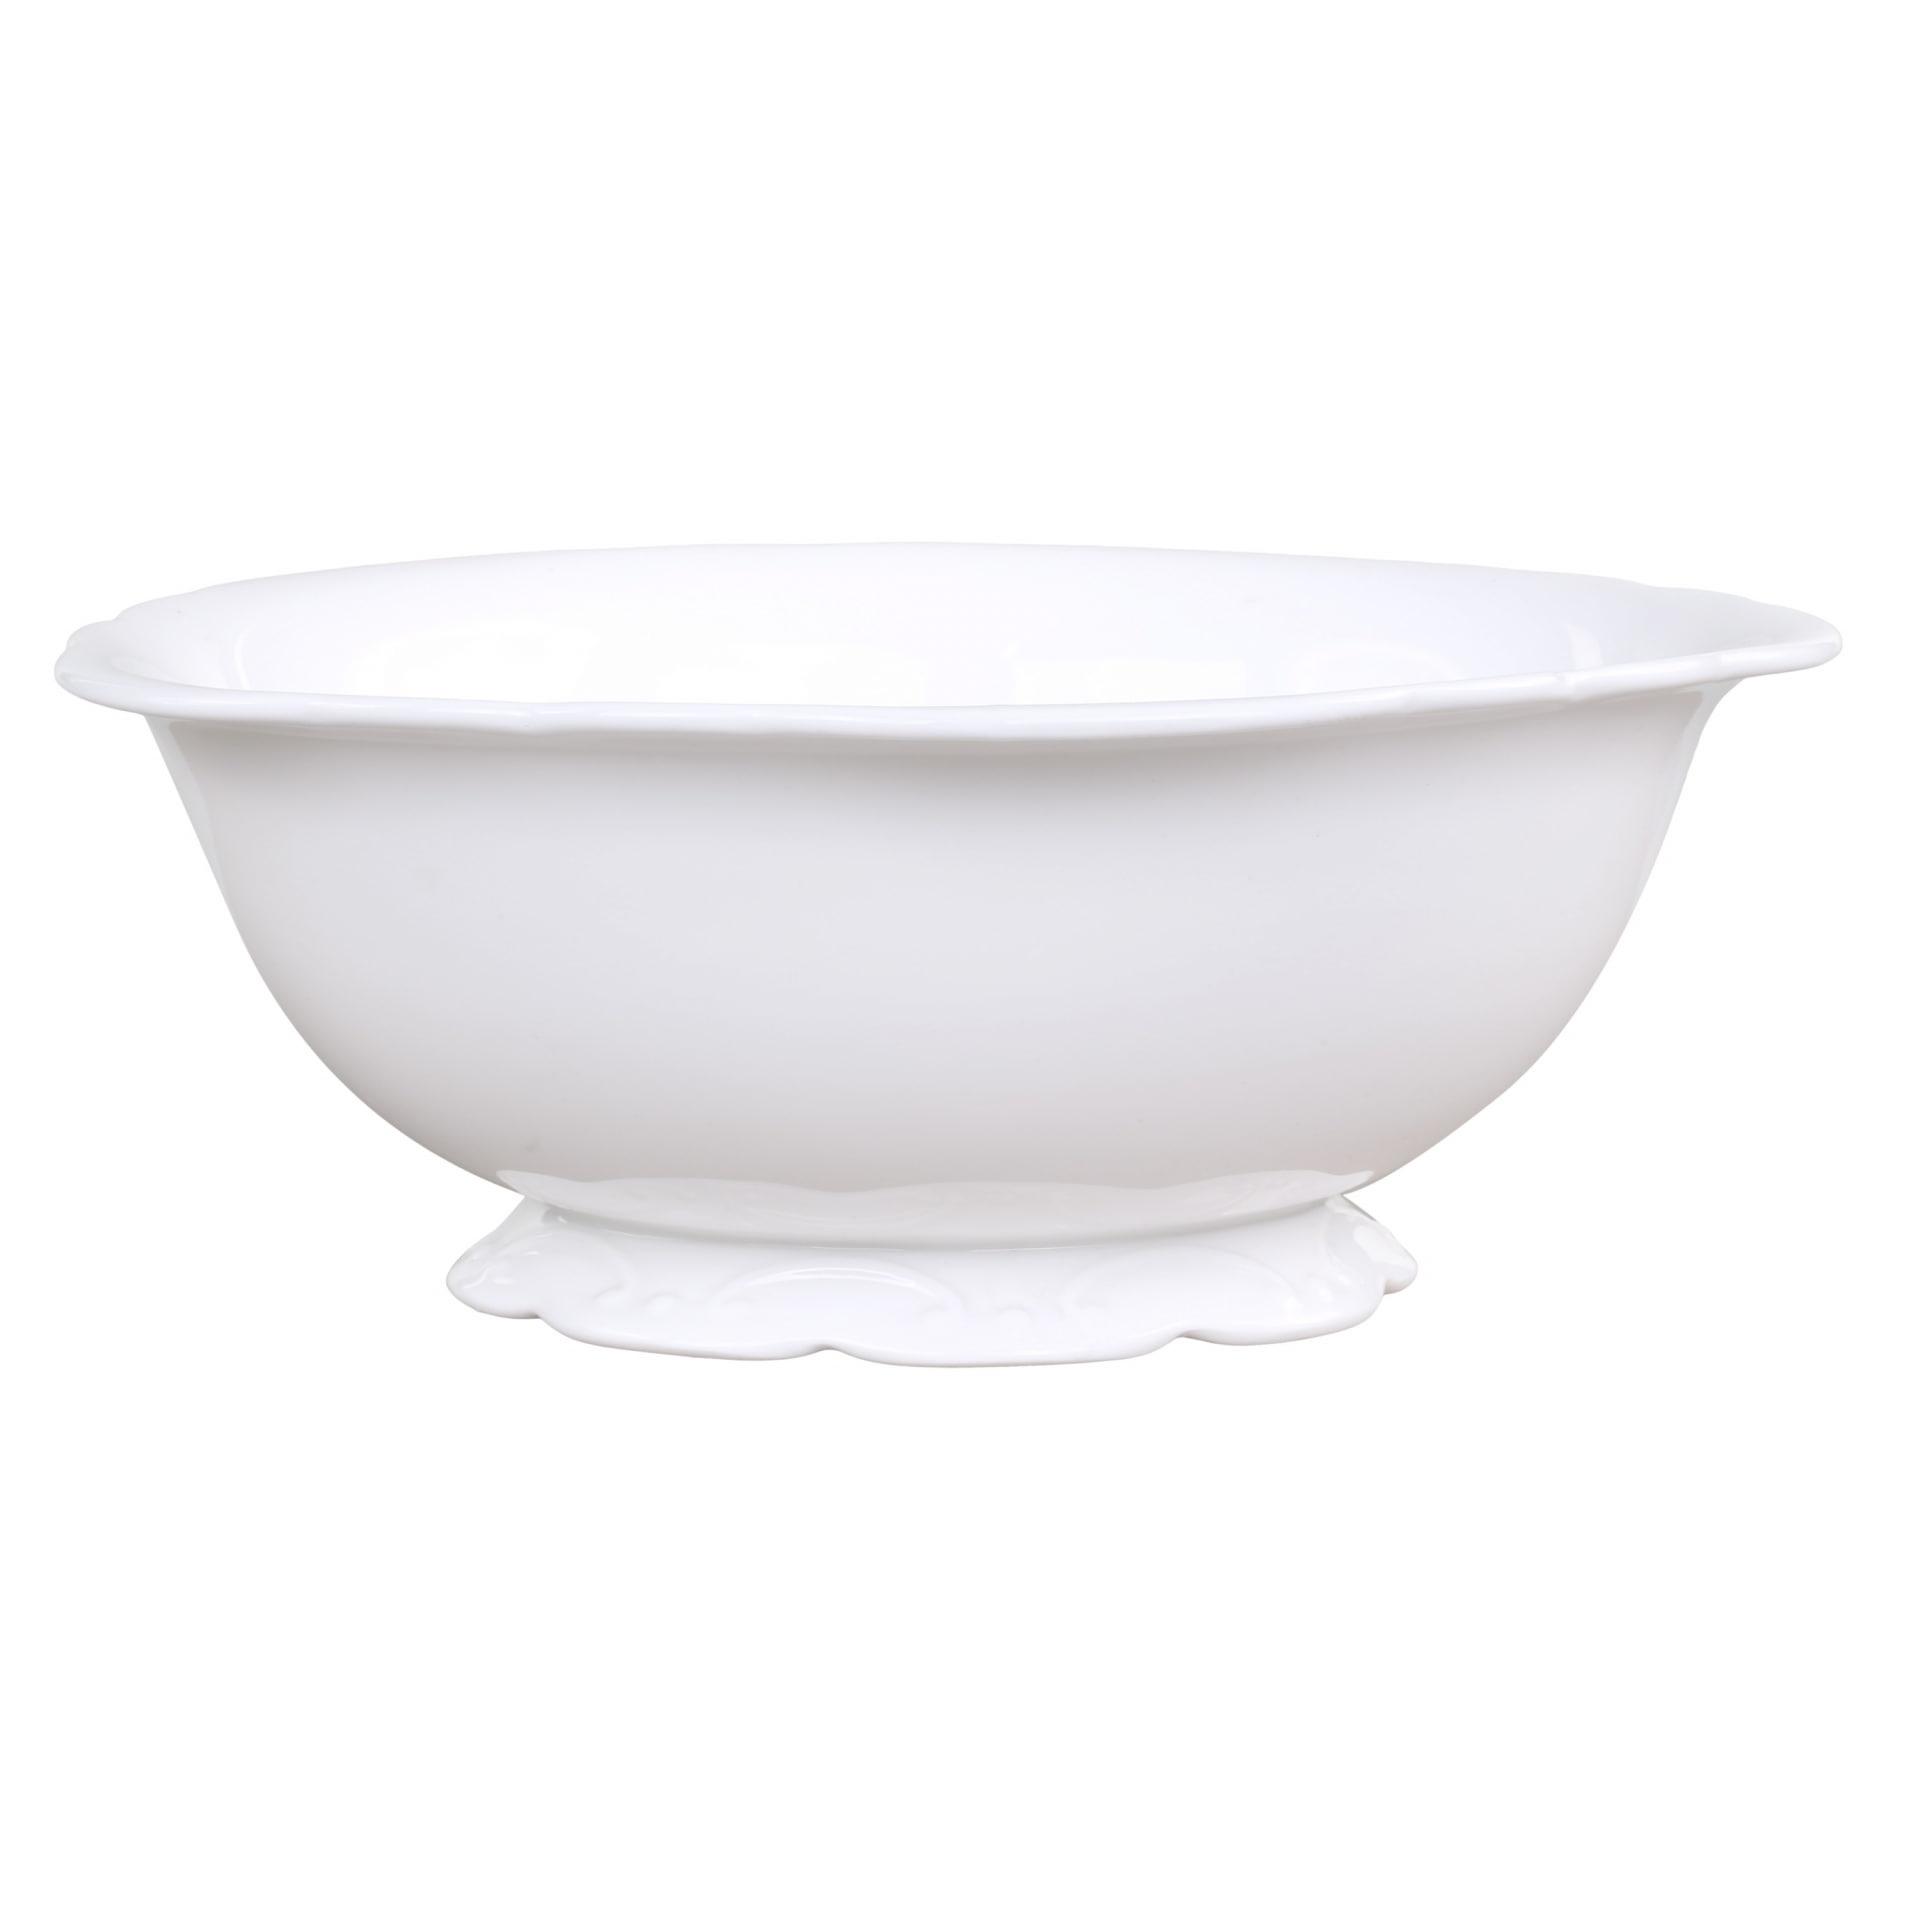 Chic Antique Porcelánová mísa Provence, bílá barva, porcelán